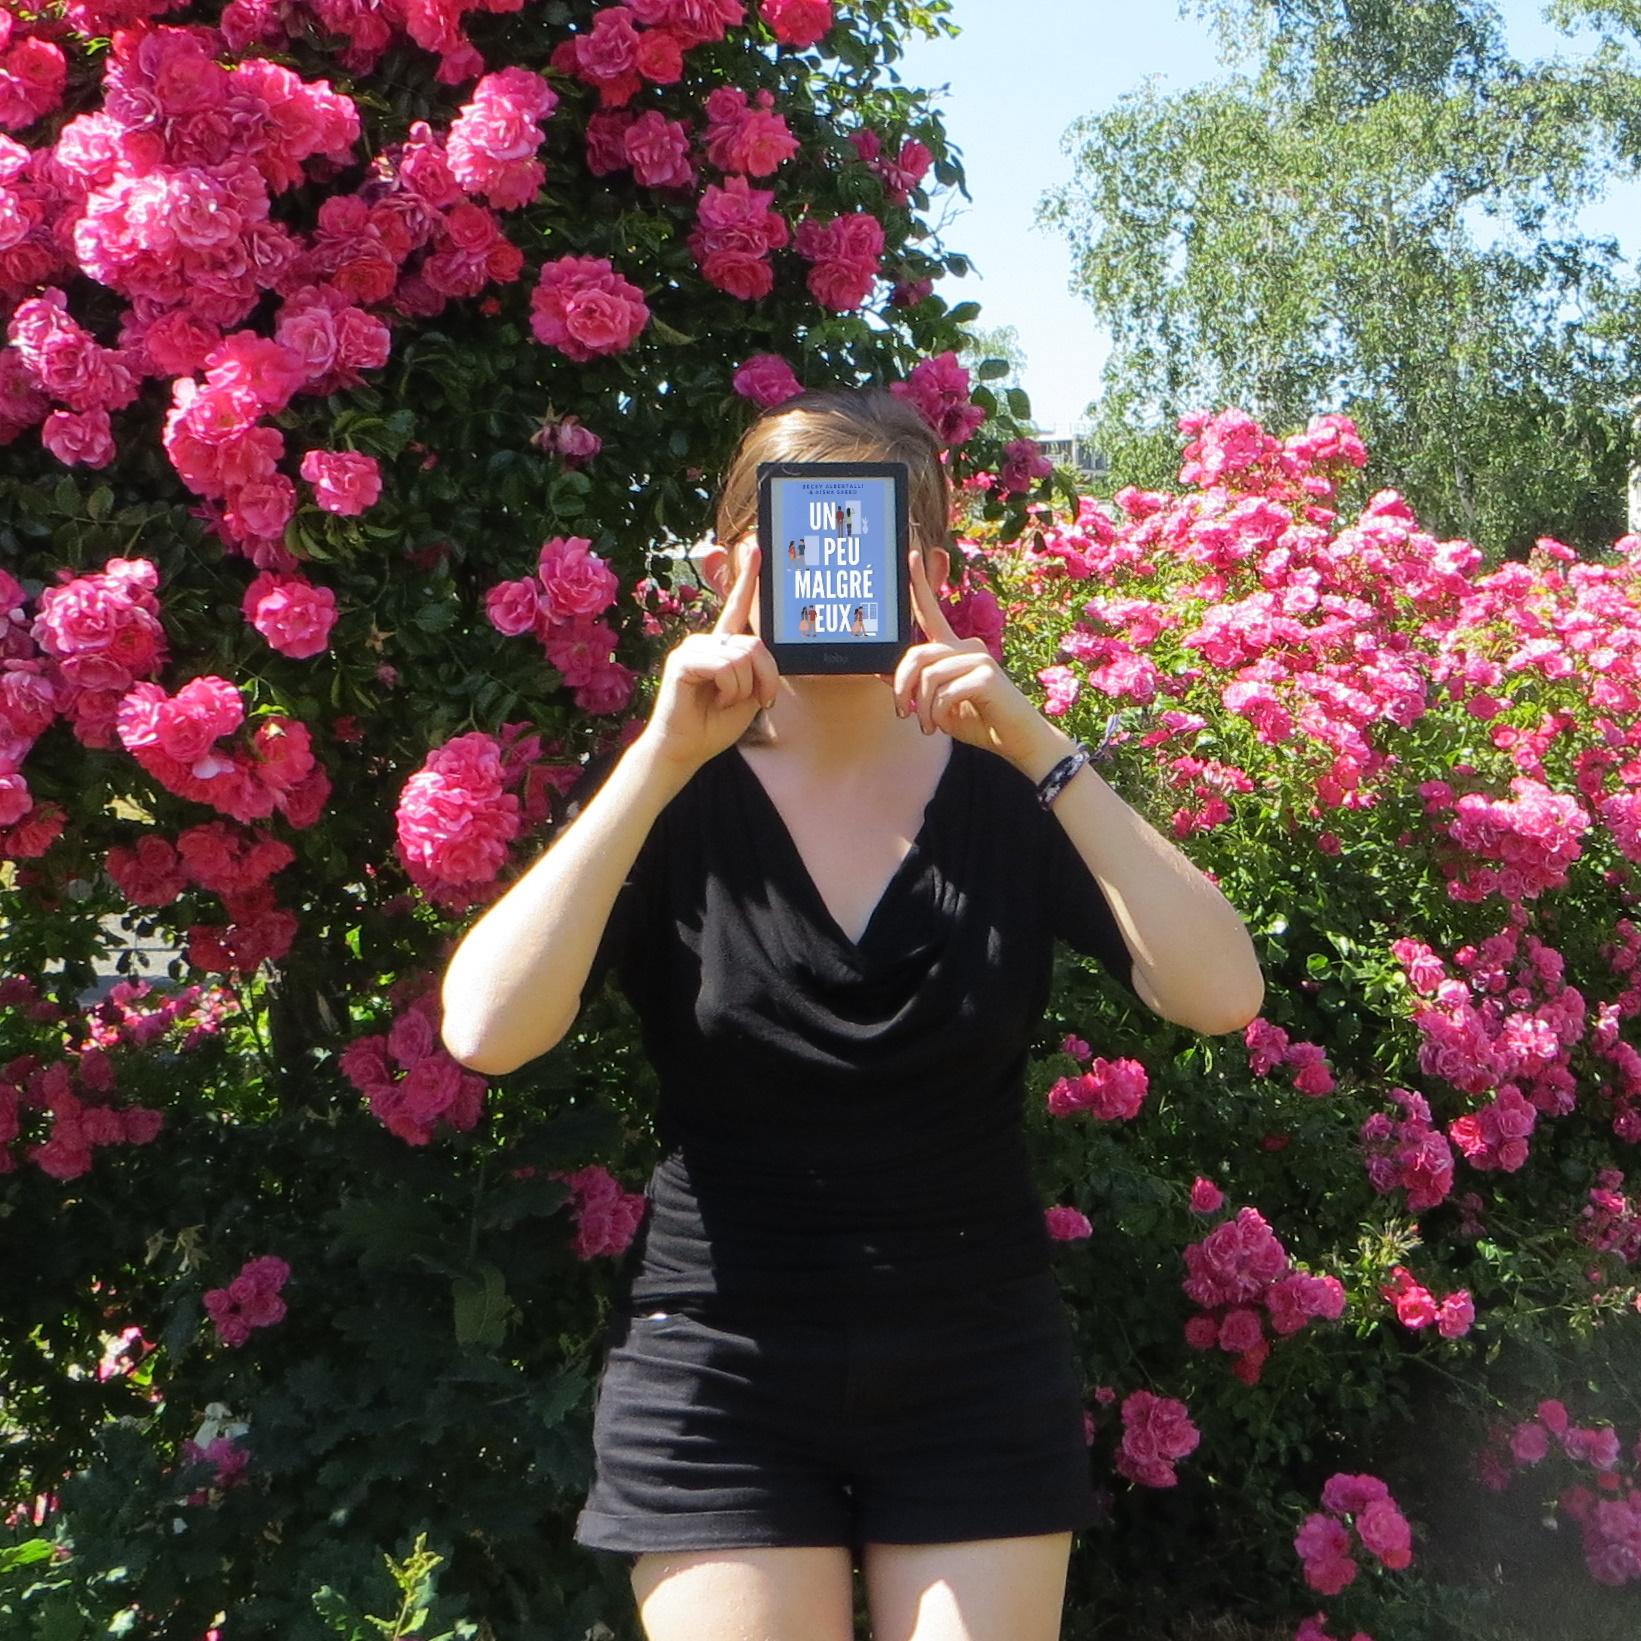 personne en tenue noire tenant une liseuse avec la couverture de Un Peu Malgré Eux de Becky Albertalli & Aisha Saeed, devant des buissons de roses